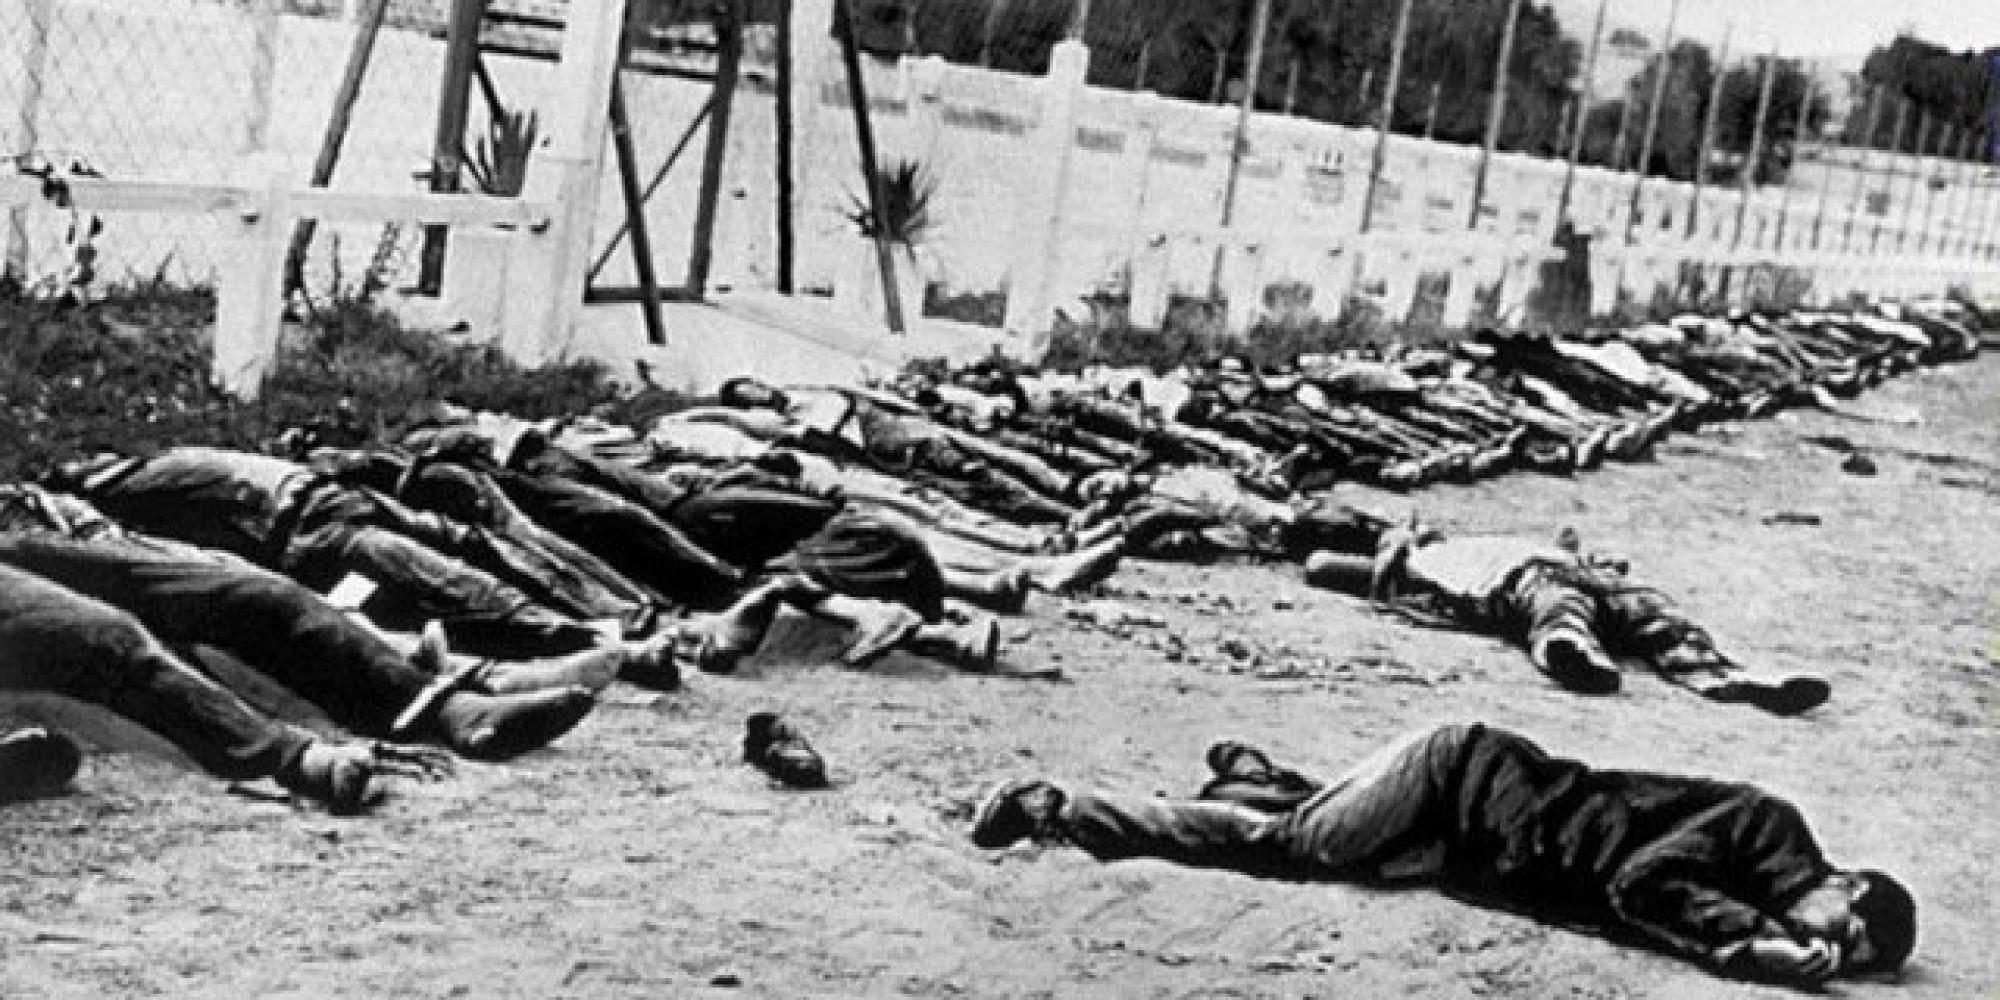 Archives : images rares du 8 mai 1945